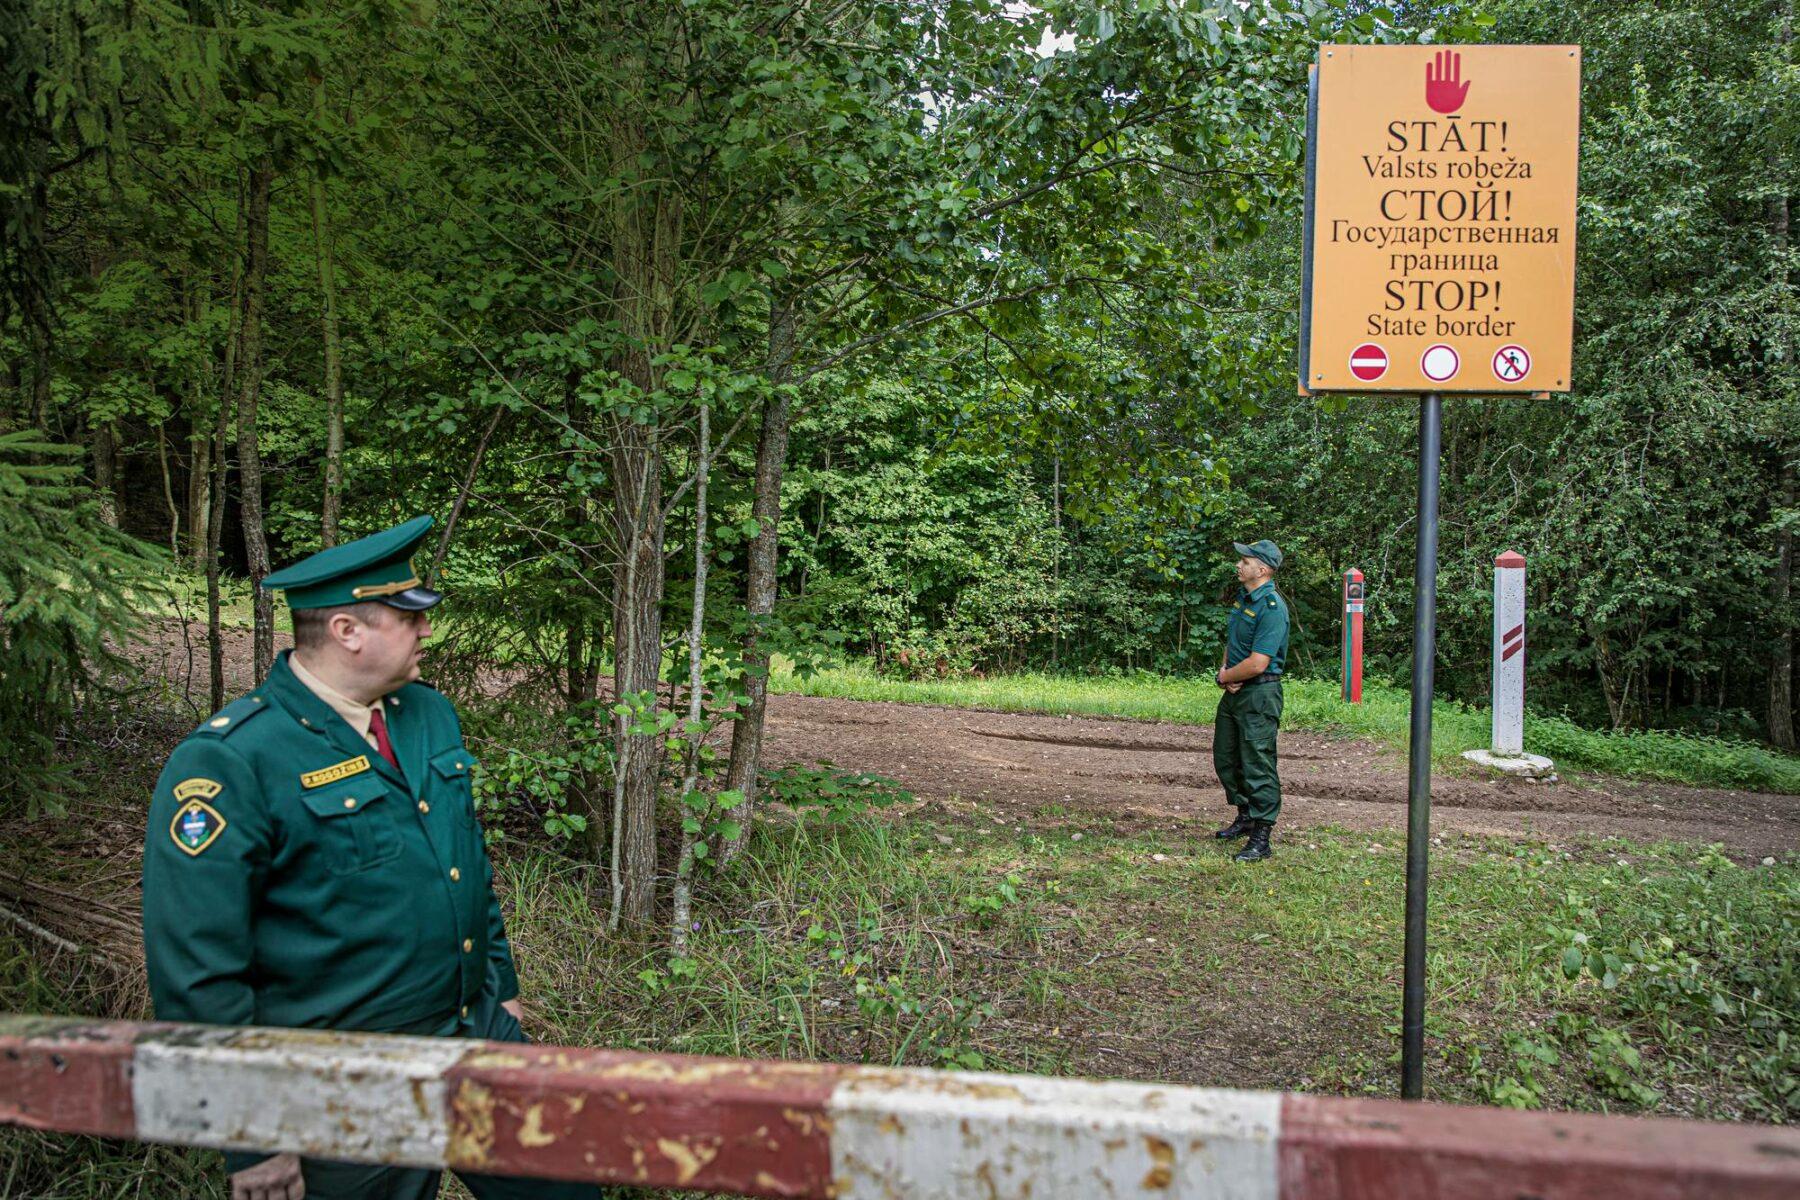 Majurit Pāvels Rogožins (vas.) ja Aleksander Sokolovs esittelivät Latvian ja Valko-Venäjän rajalinjaa. Rajaviranomaisten vaatimuksesta kuvasta on poistettu rajapyykin numero.